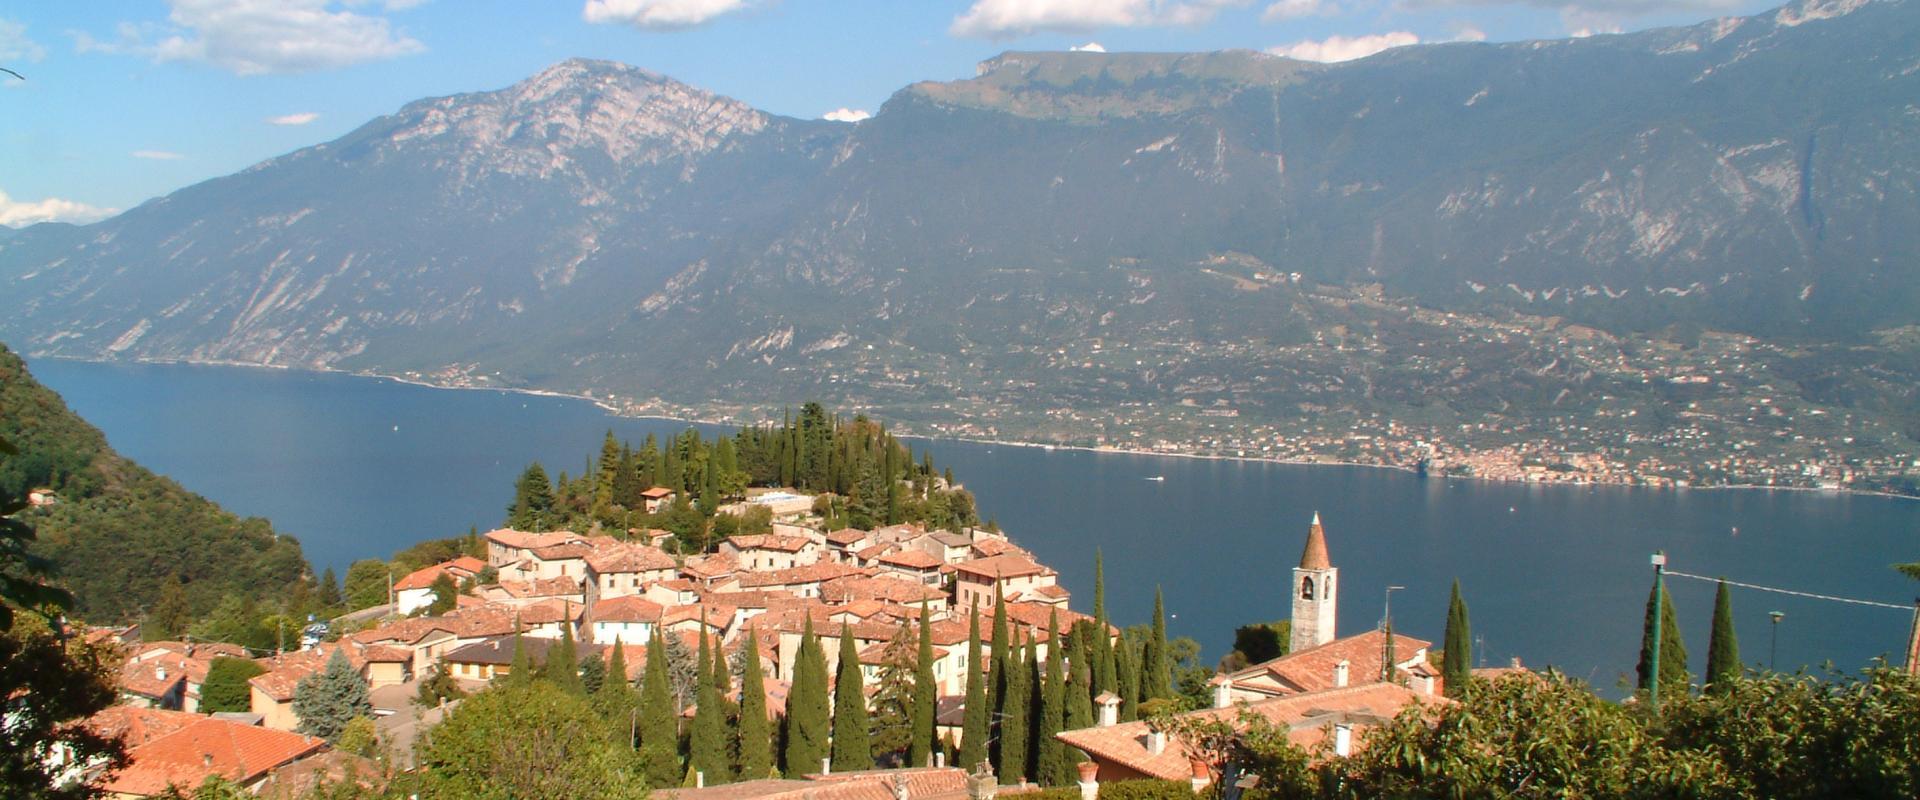 Soggiorno sulle rive del lago di garda! | Borghi Italia Tour ...